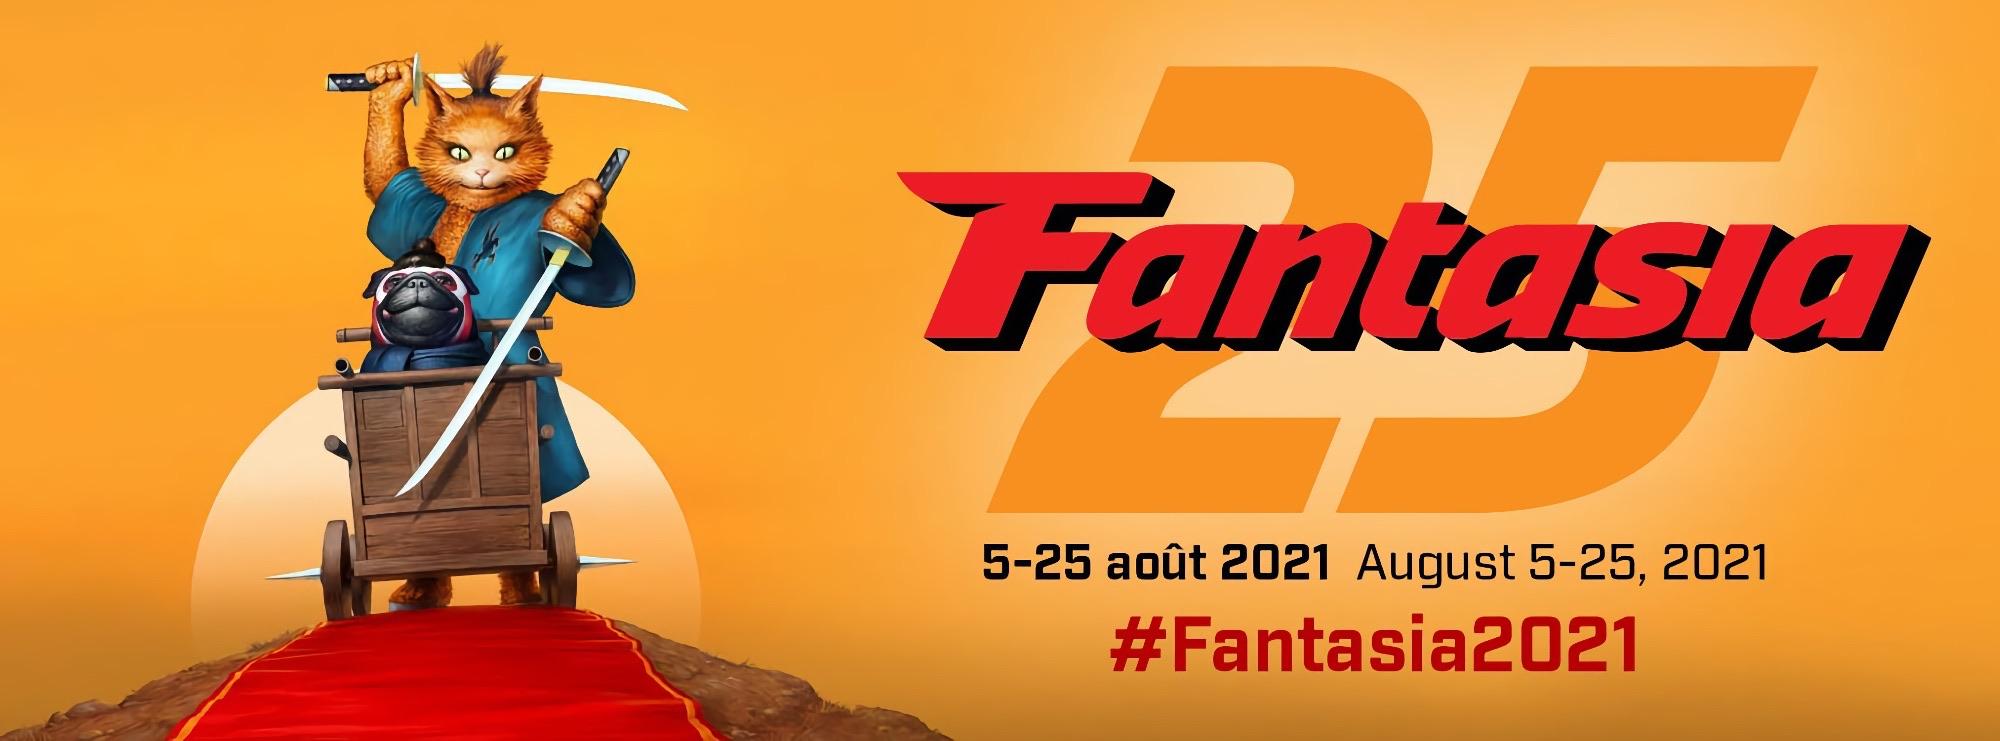 Fantasia Festival 2021